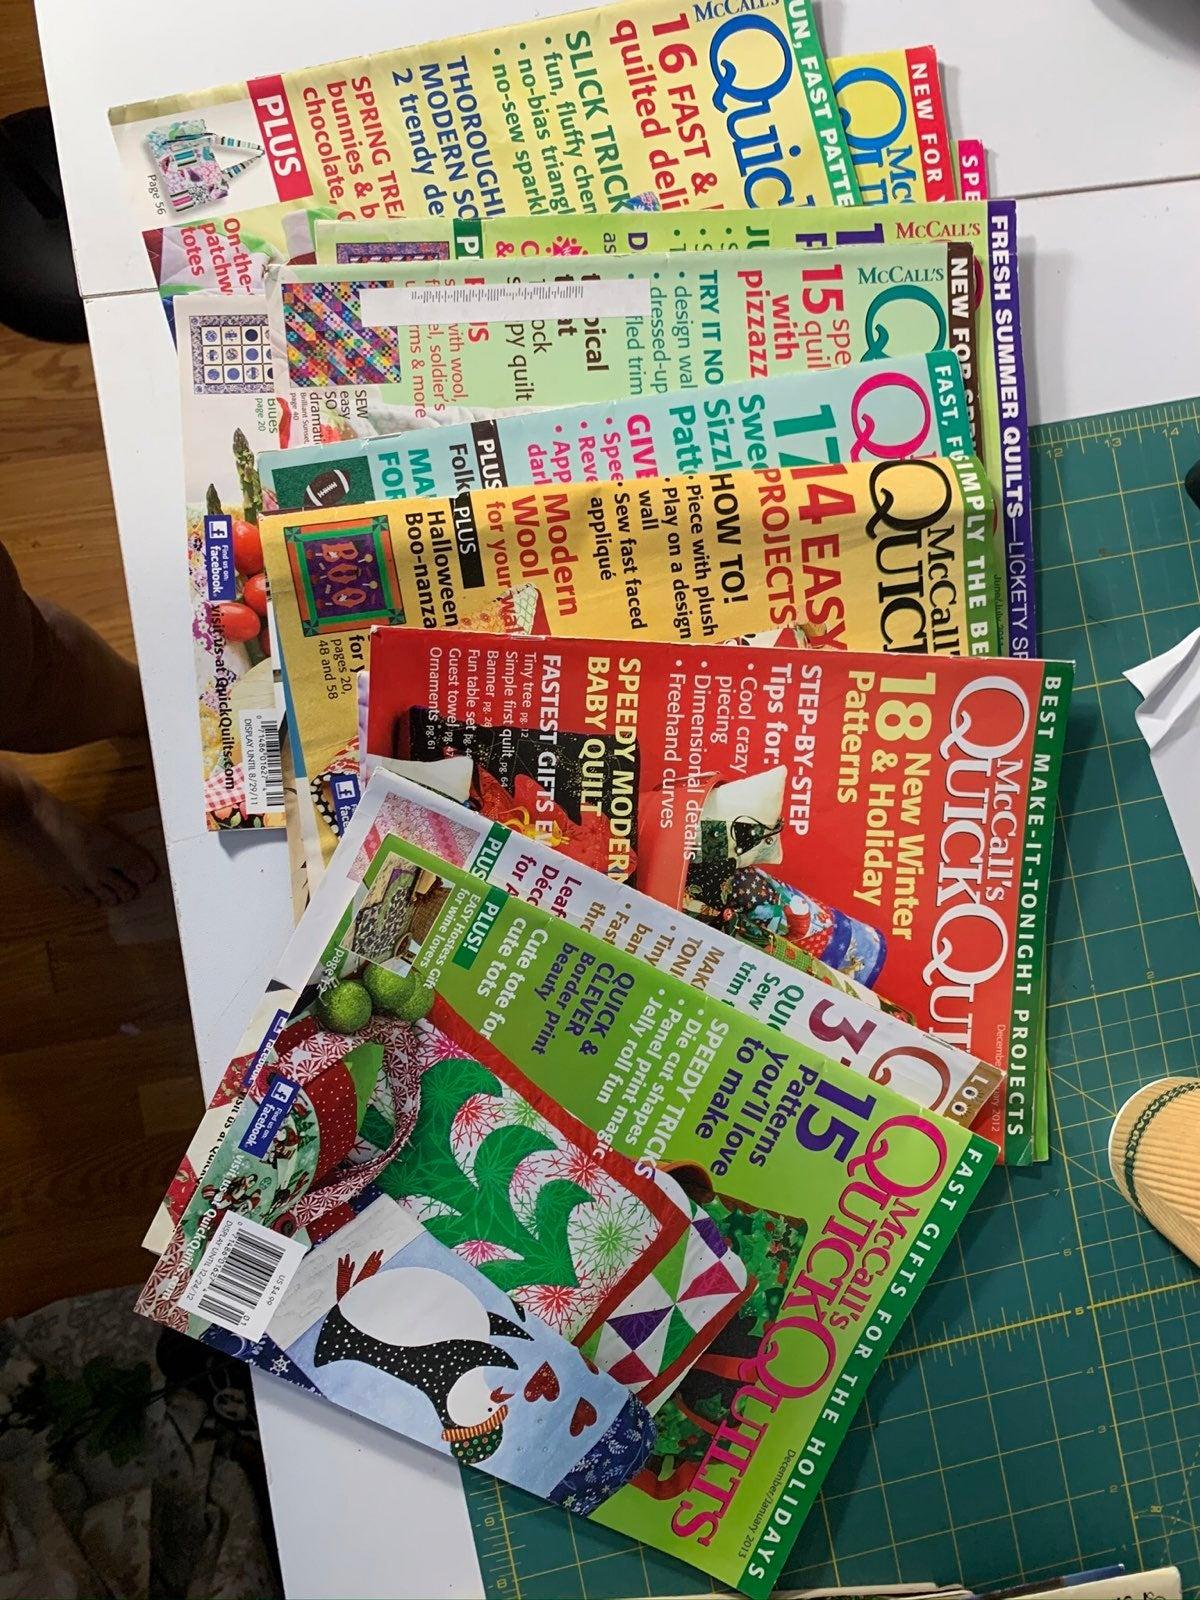 12 McCall's Quick Quilt Magazines